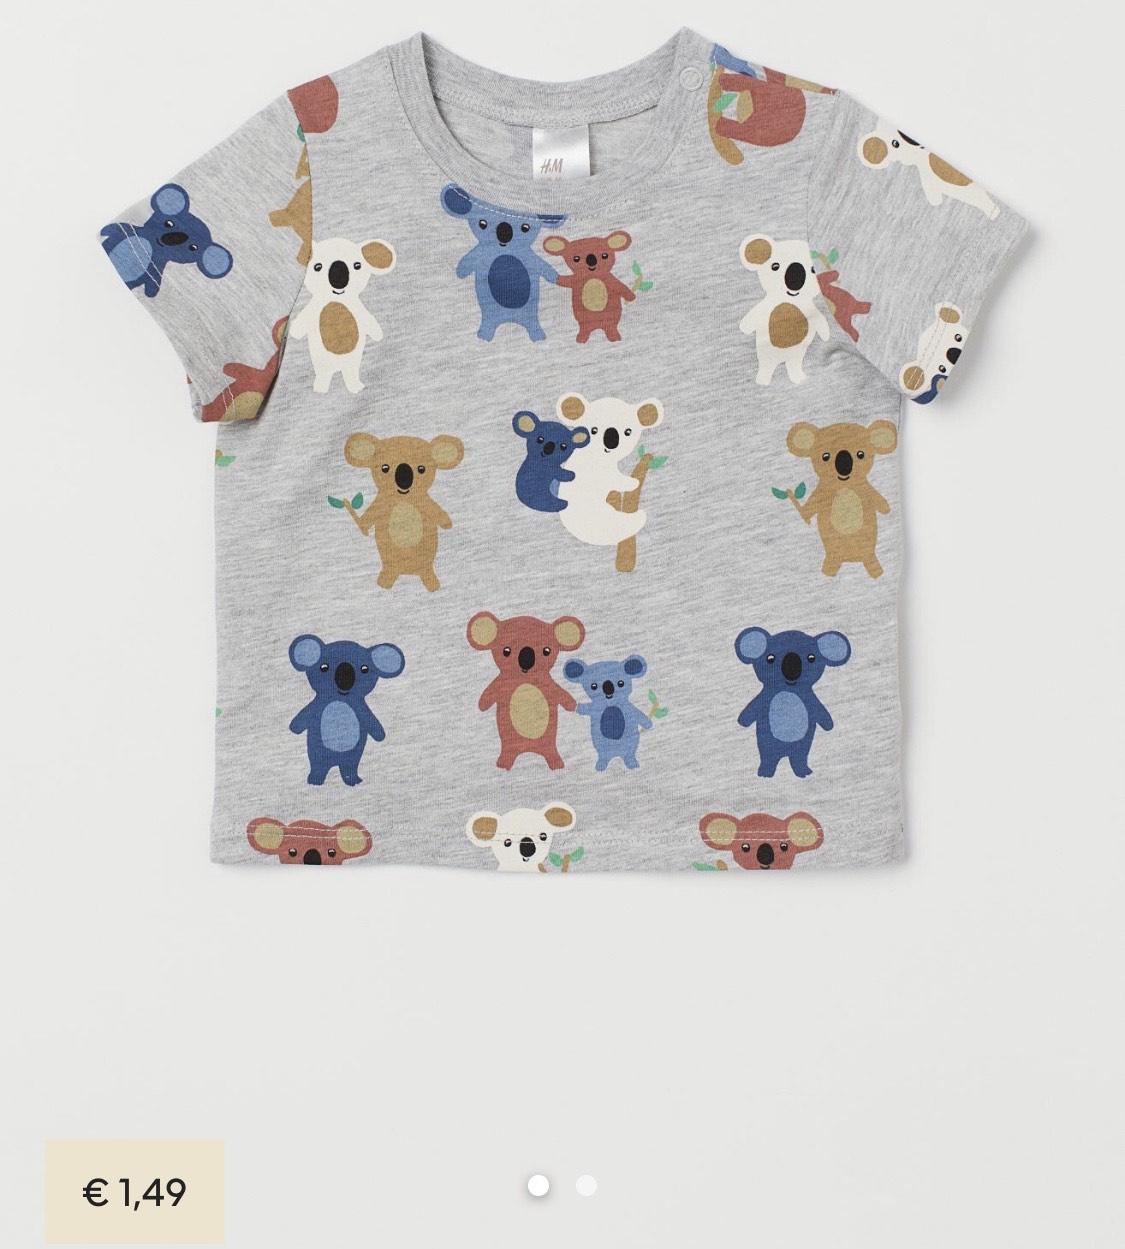 Slechts €1,49: baby / kinder T-shirt met koala's maat 86 en 92 bij H&M